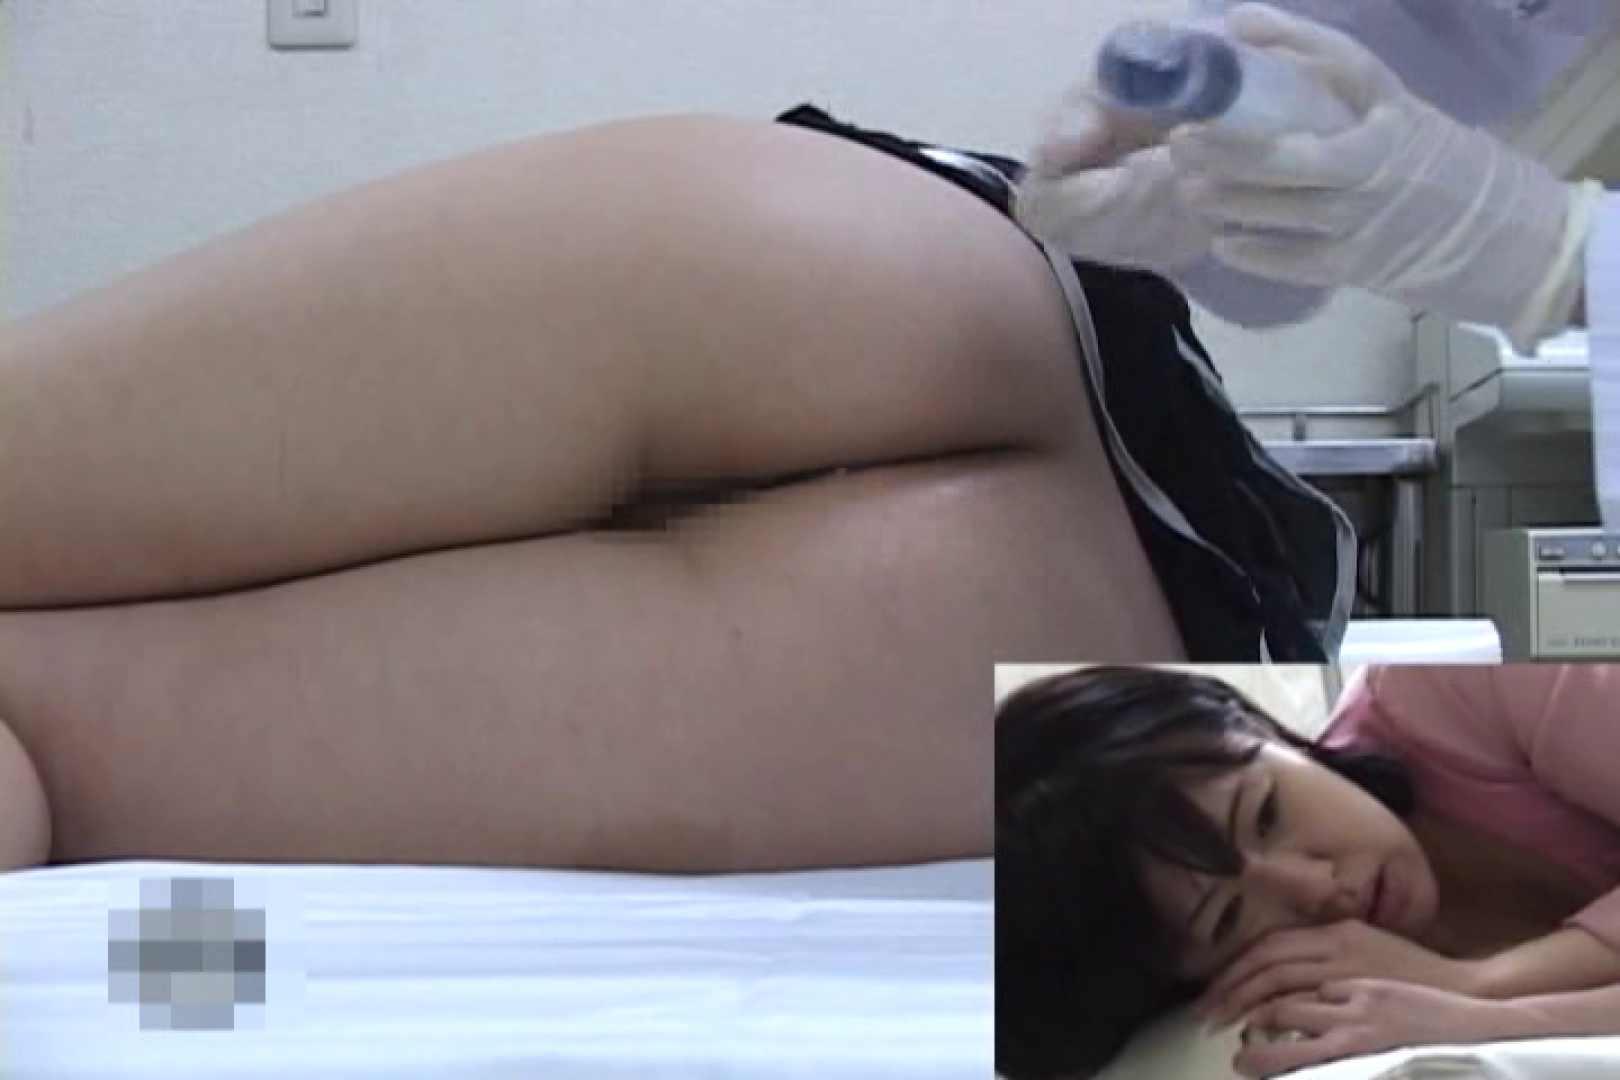 逆噴射病院 肛門科Vol.7 女性の肛門 すけべAV動画紹介 100画像 41